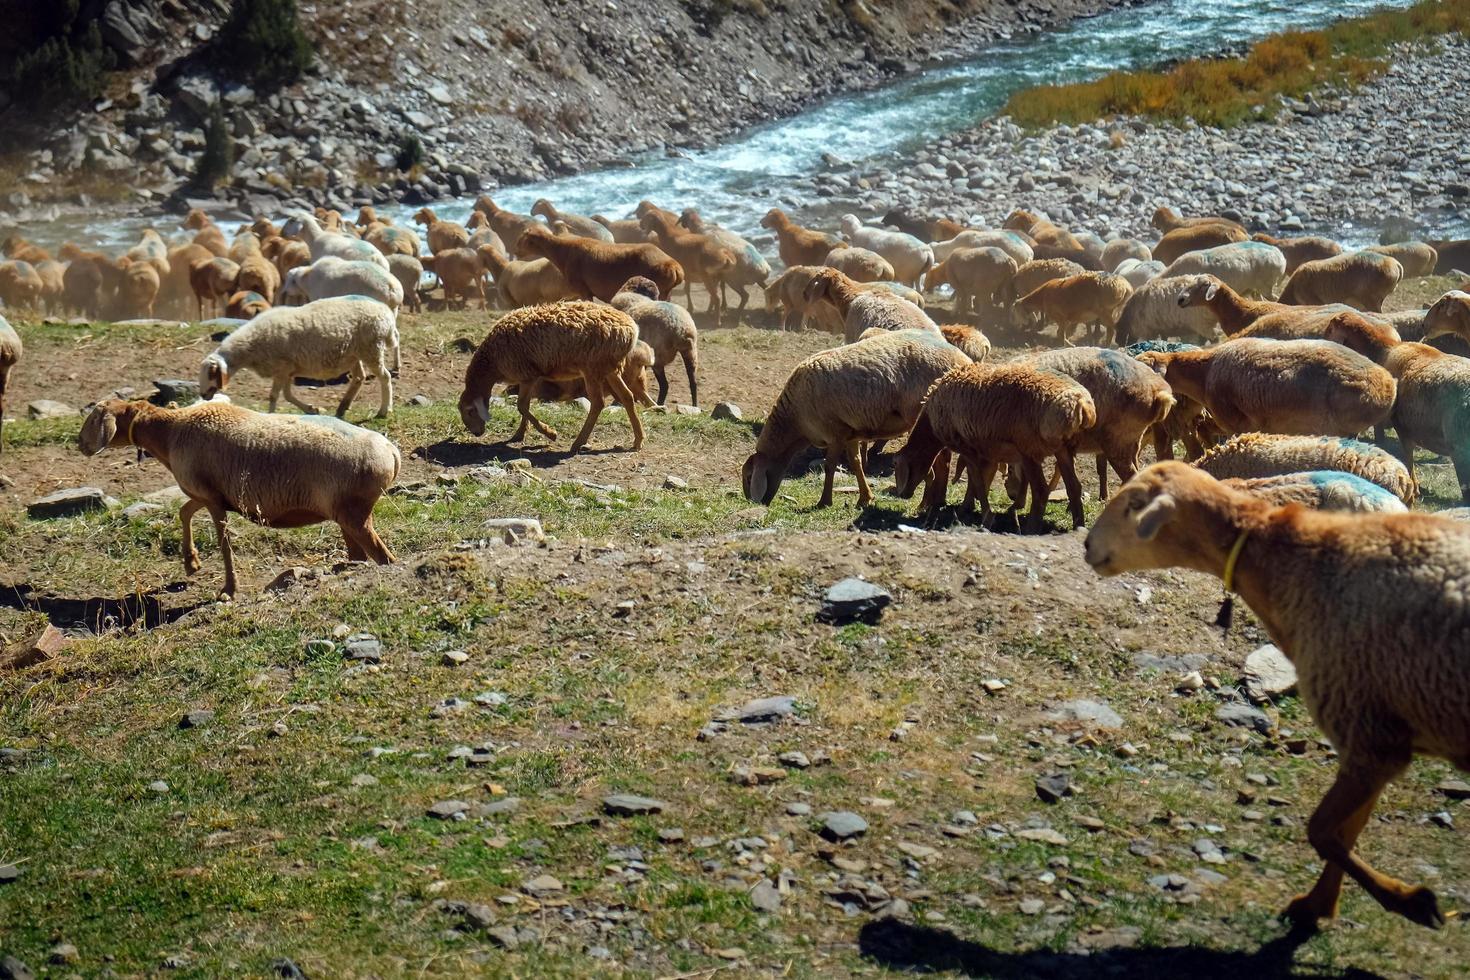 gregge di pecore locali al pascolo nei pressi del fiume foto